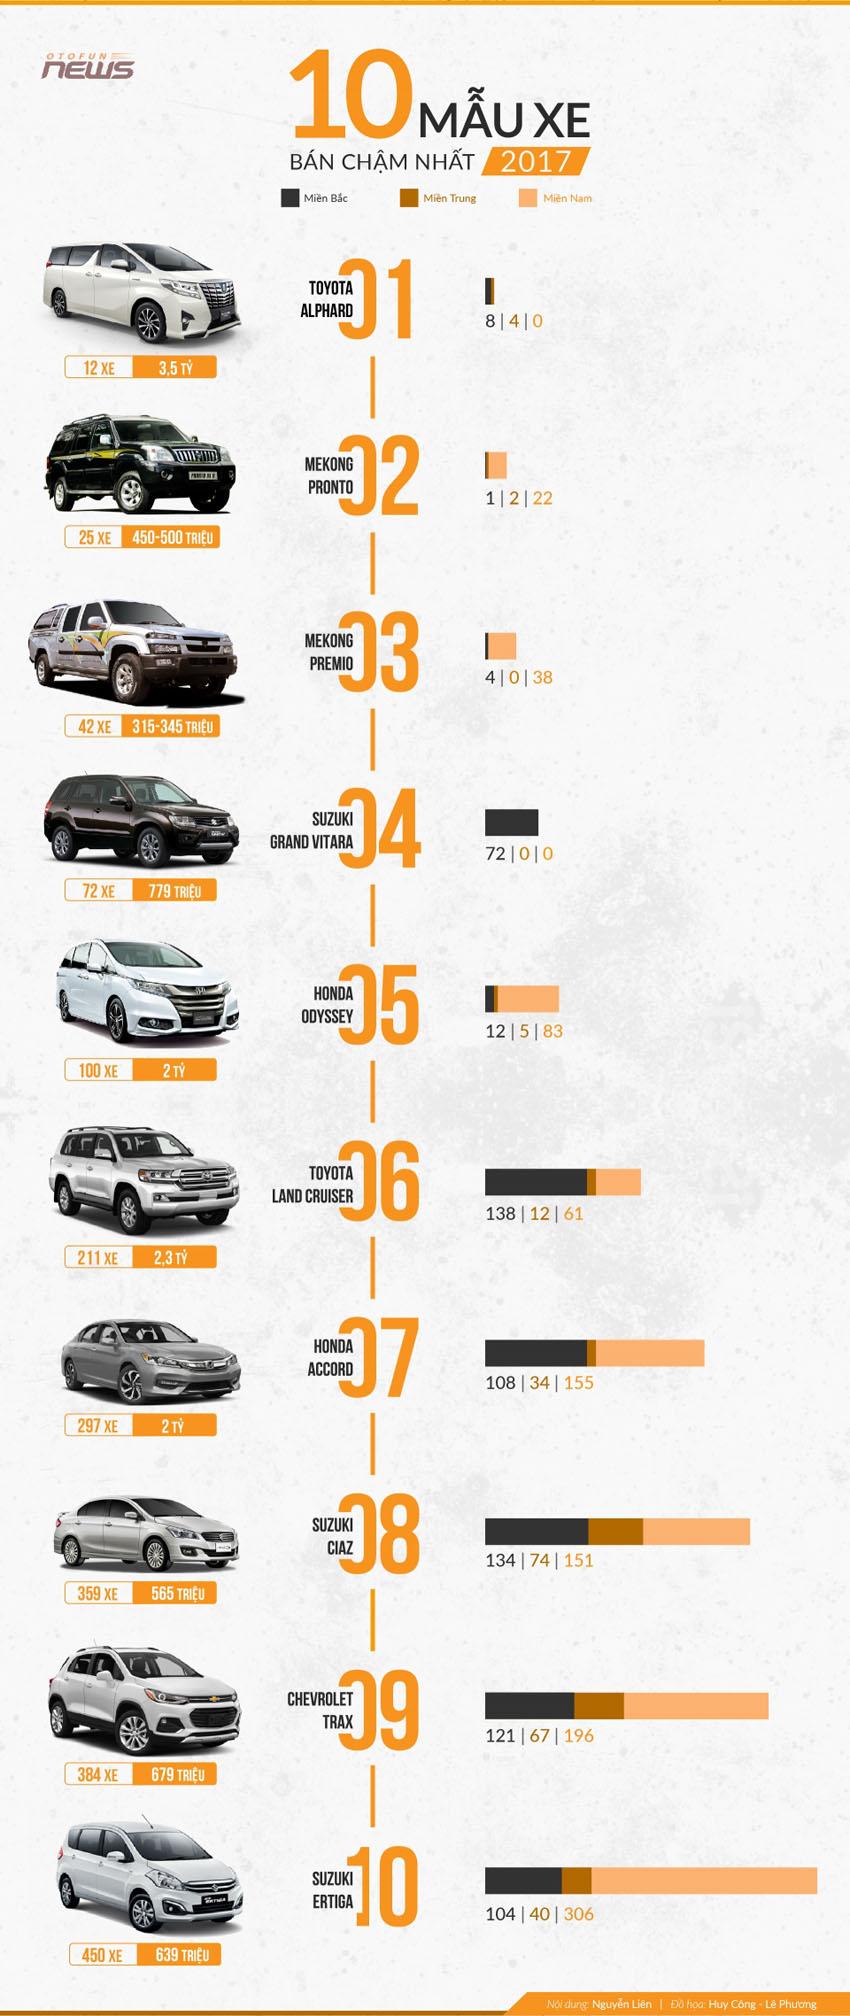 10 mẫu xe bán chậm nhất năm 2017